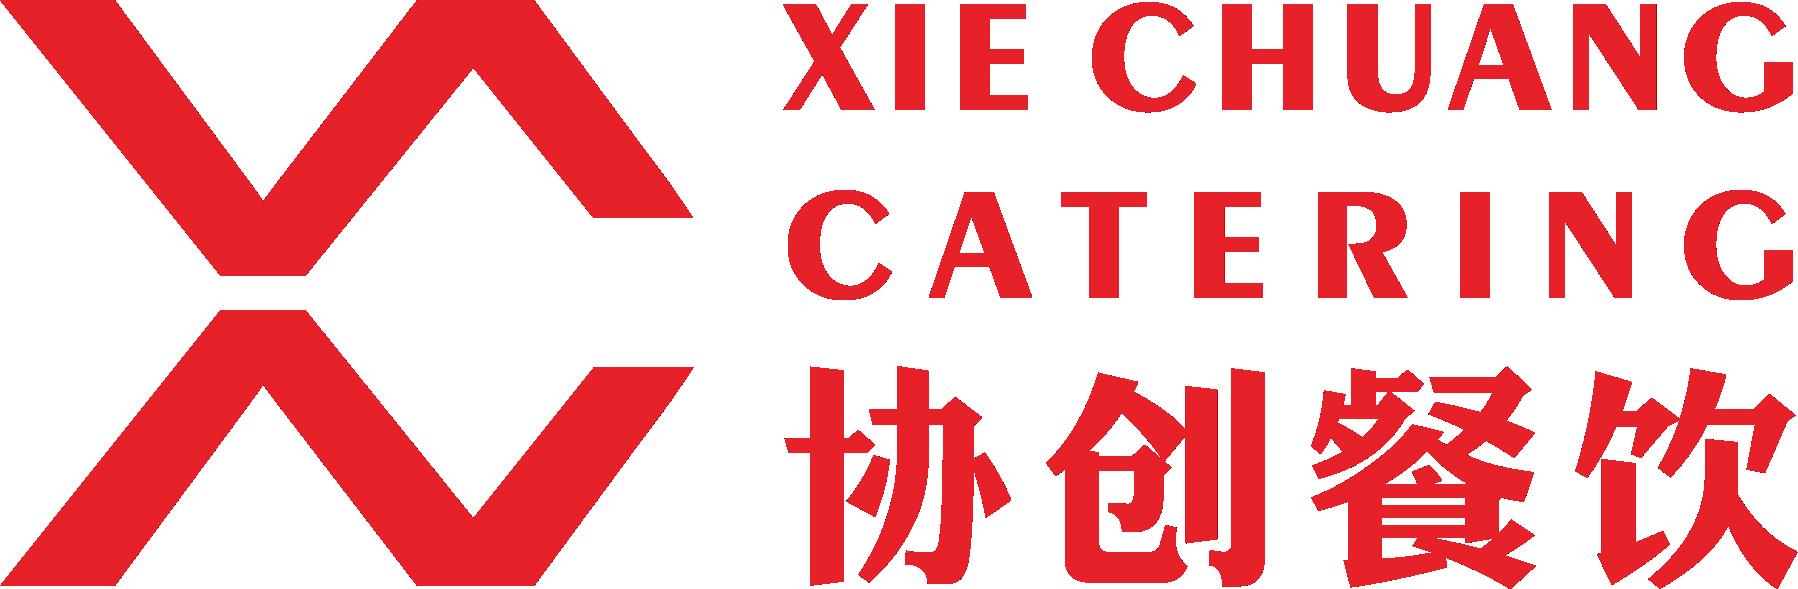 重庆唐戈网络科技有限公司